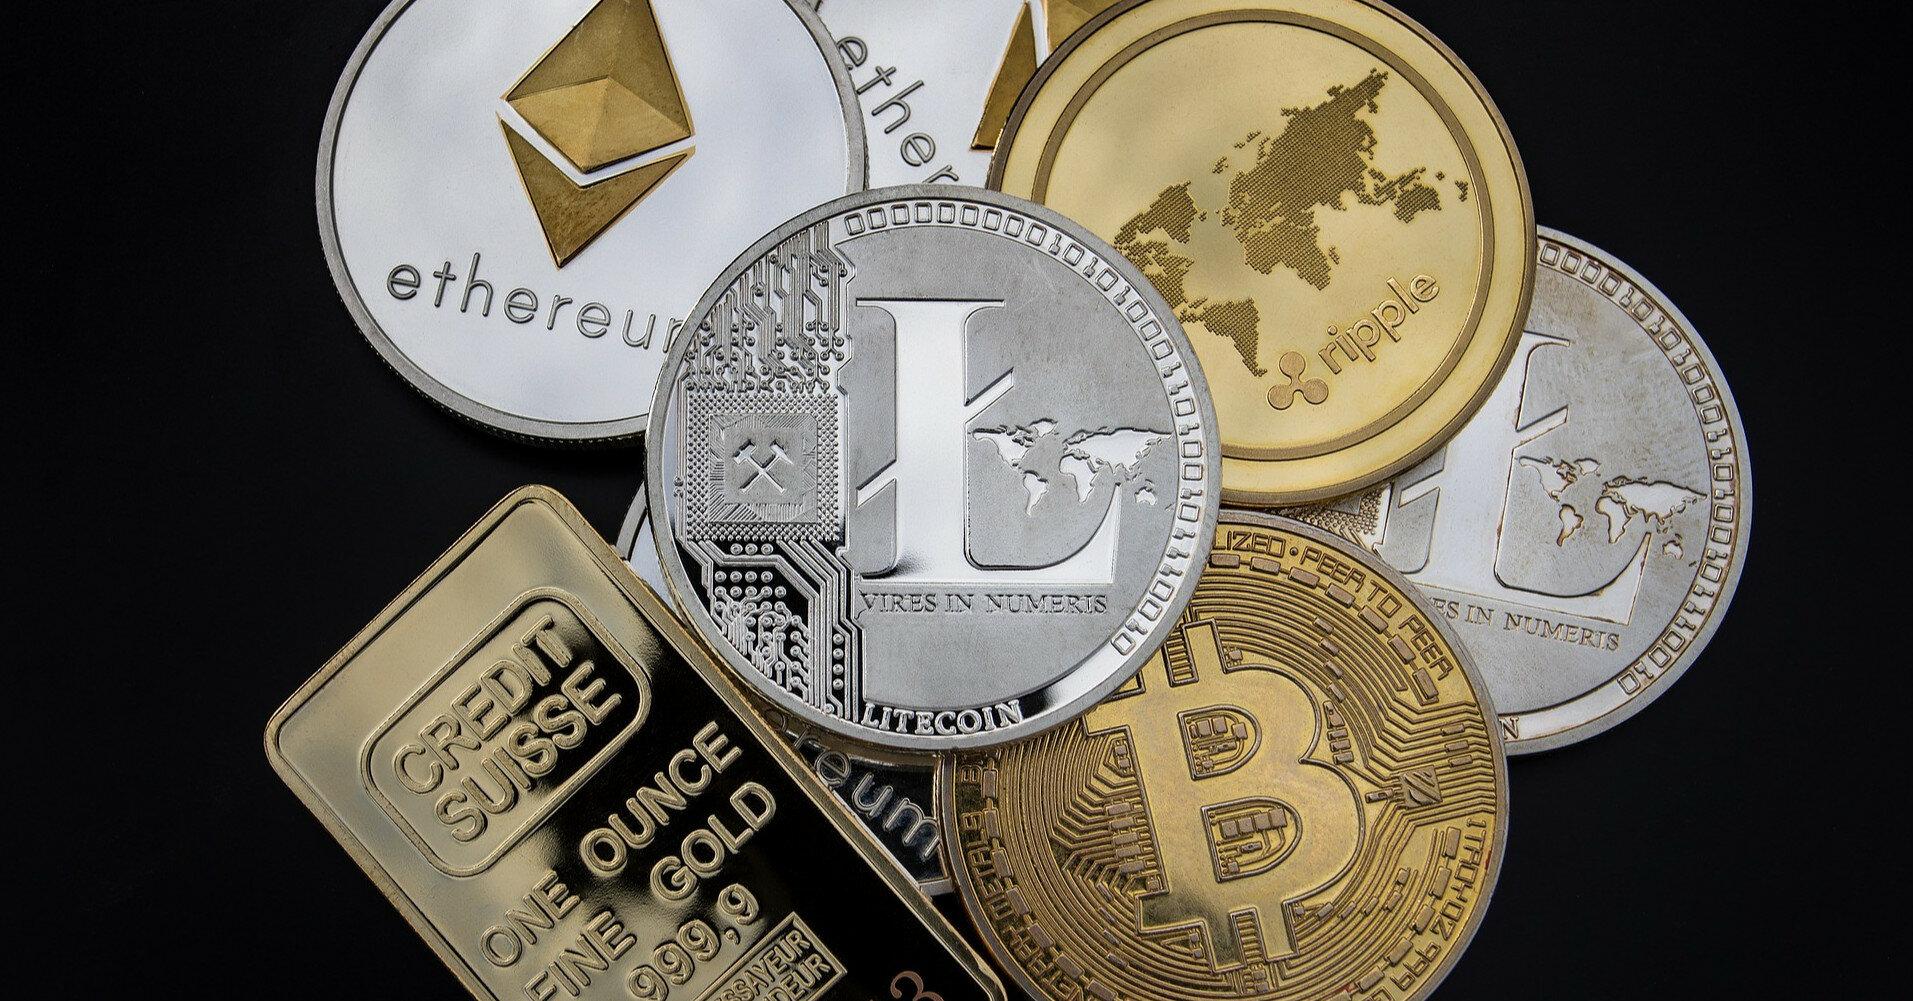 ОАЭ выводят на рынок свою криптовалюту